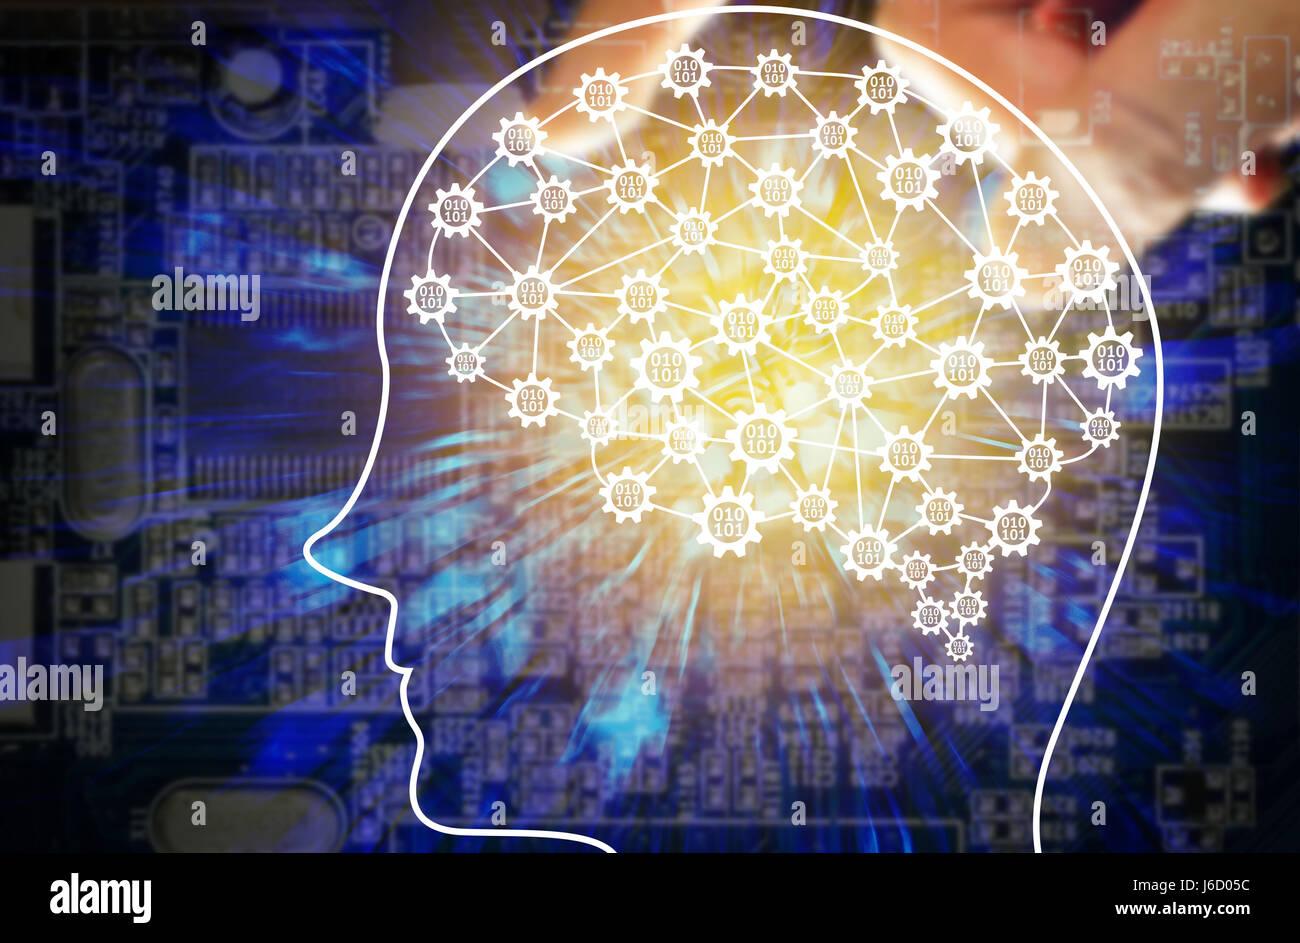 Aprendizaje de las máquinas y la inteligencia artificial concepto. Fintech tecnología financiera concepto. Imagen De Stock